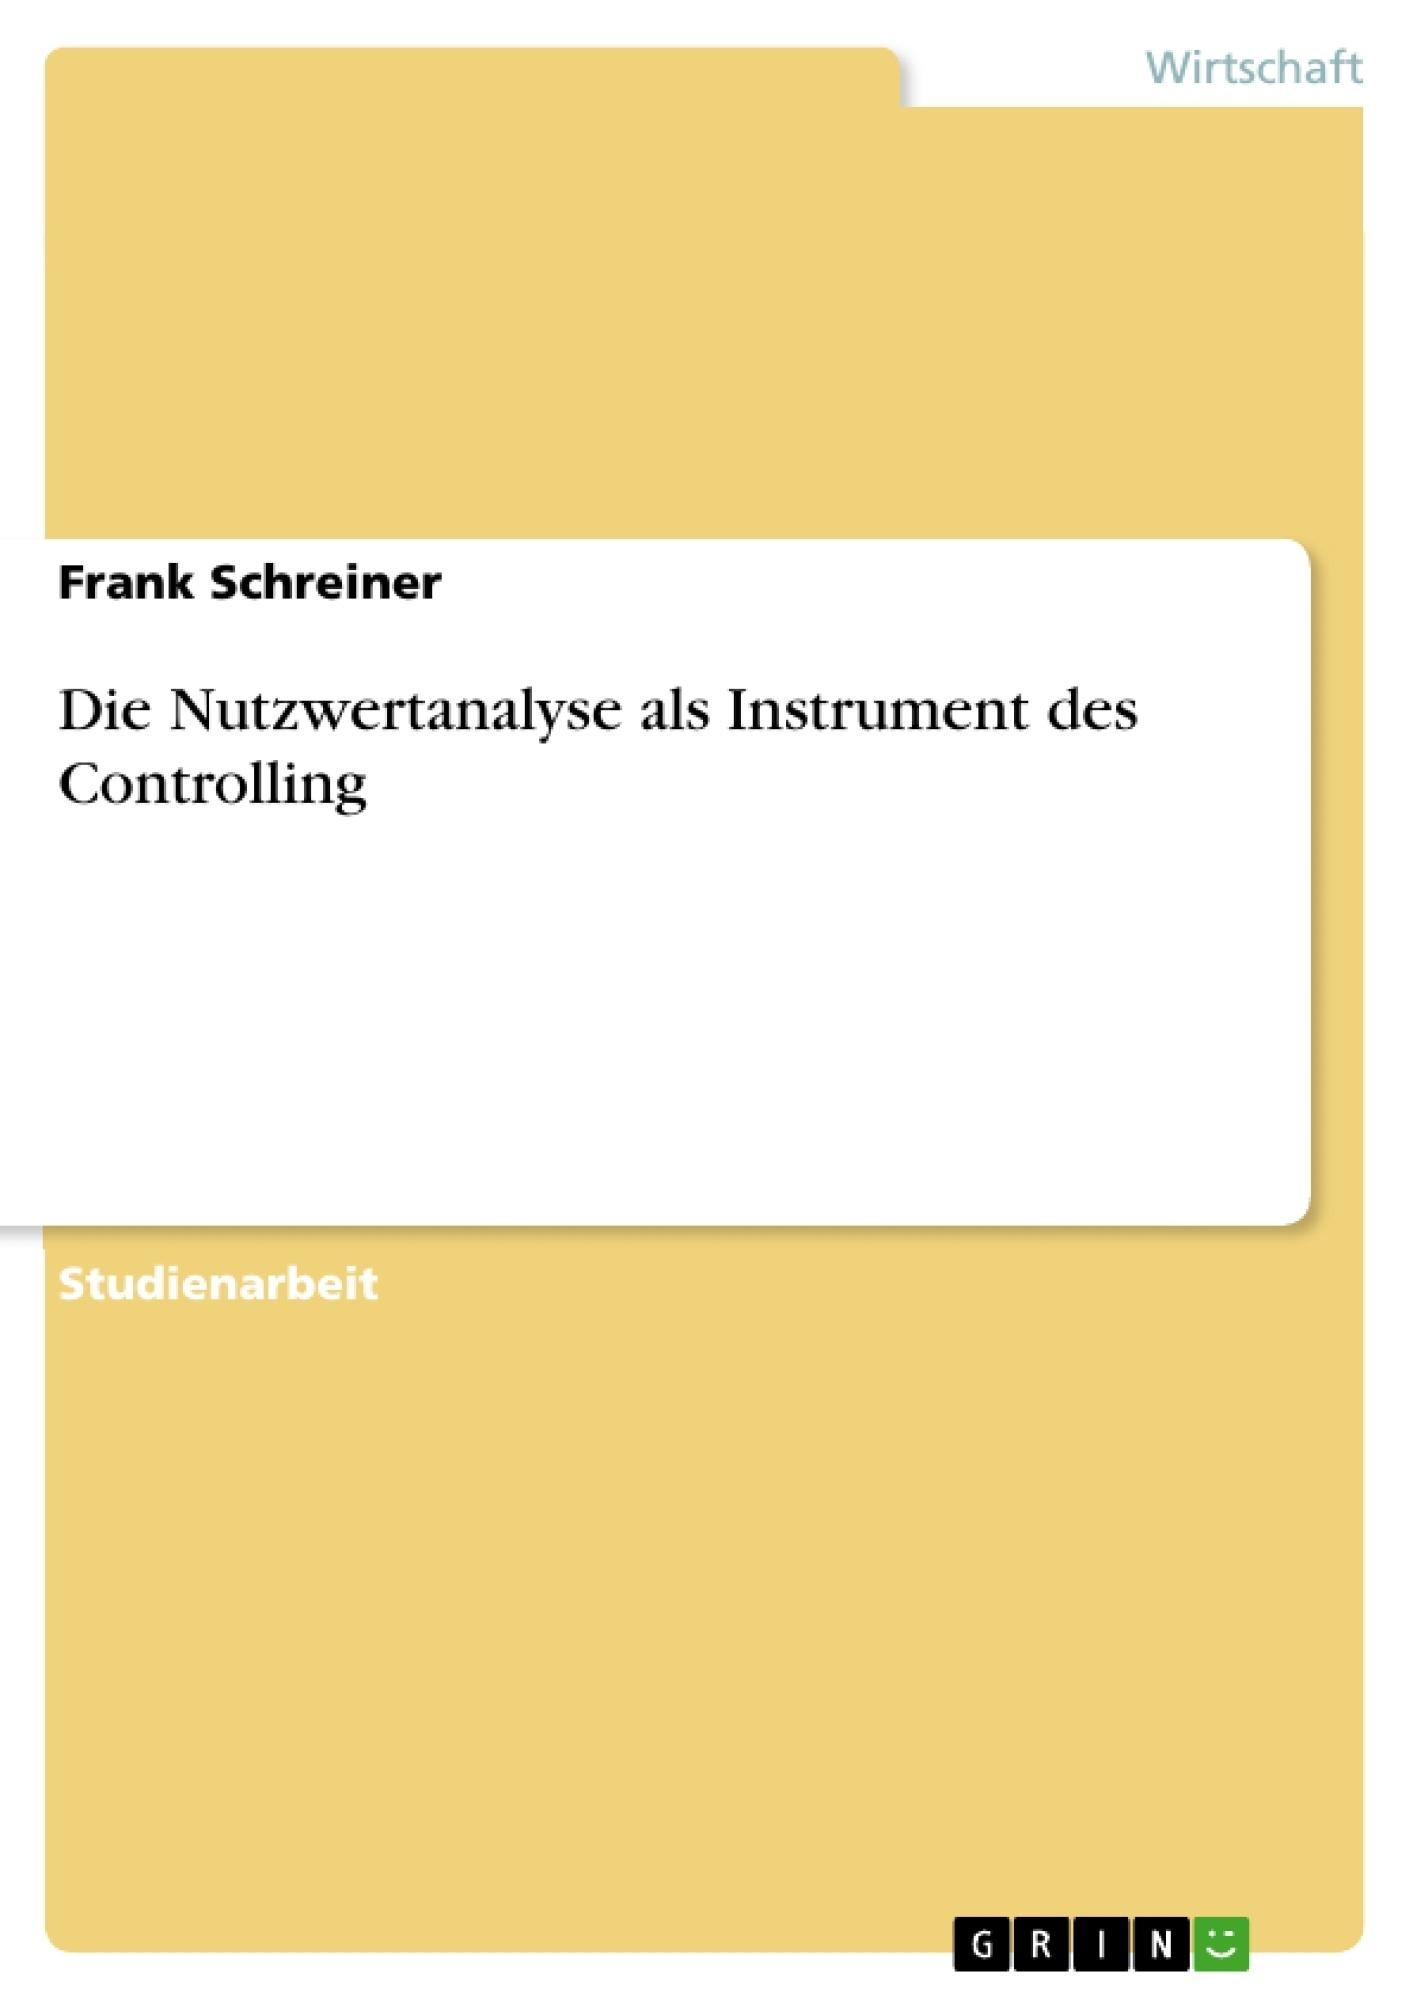 Titel: Die Nutzwertanalyse als Instrument des Controlling